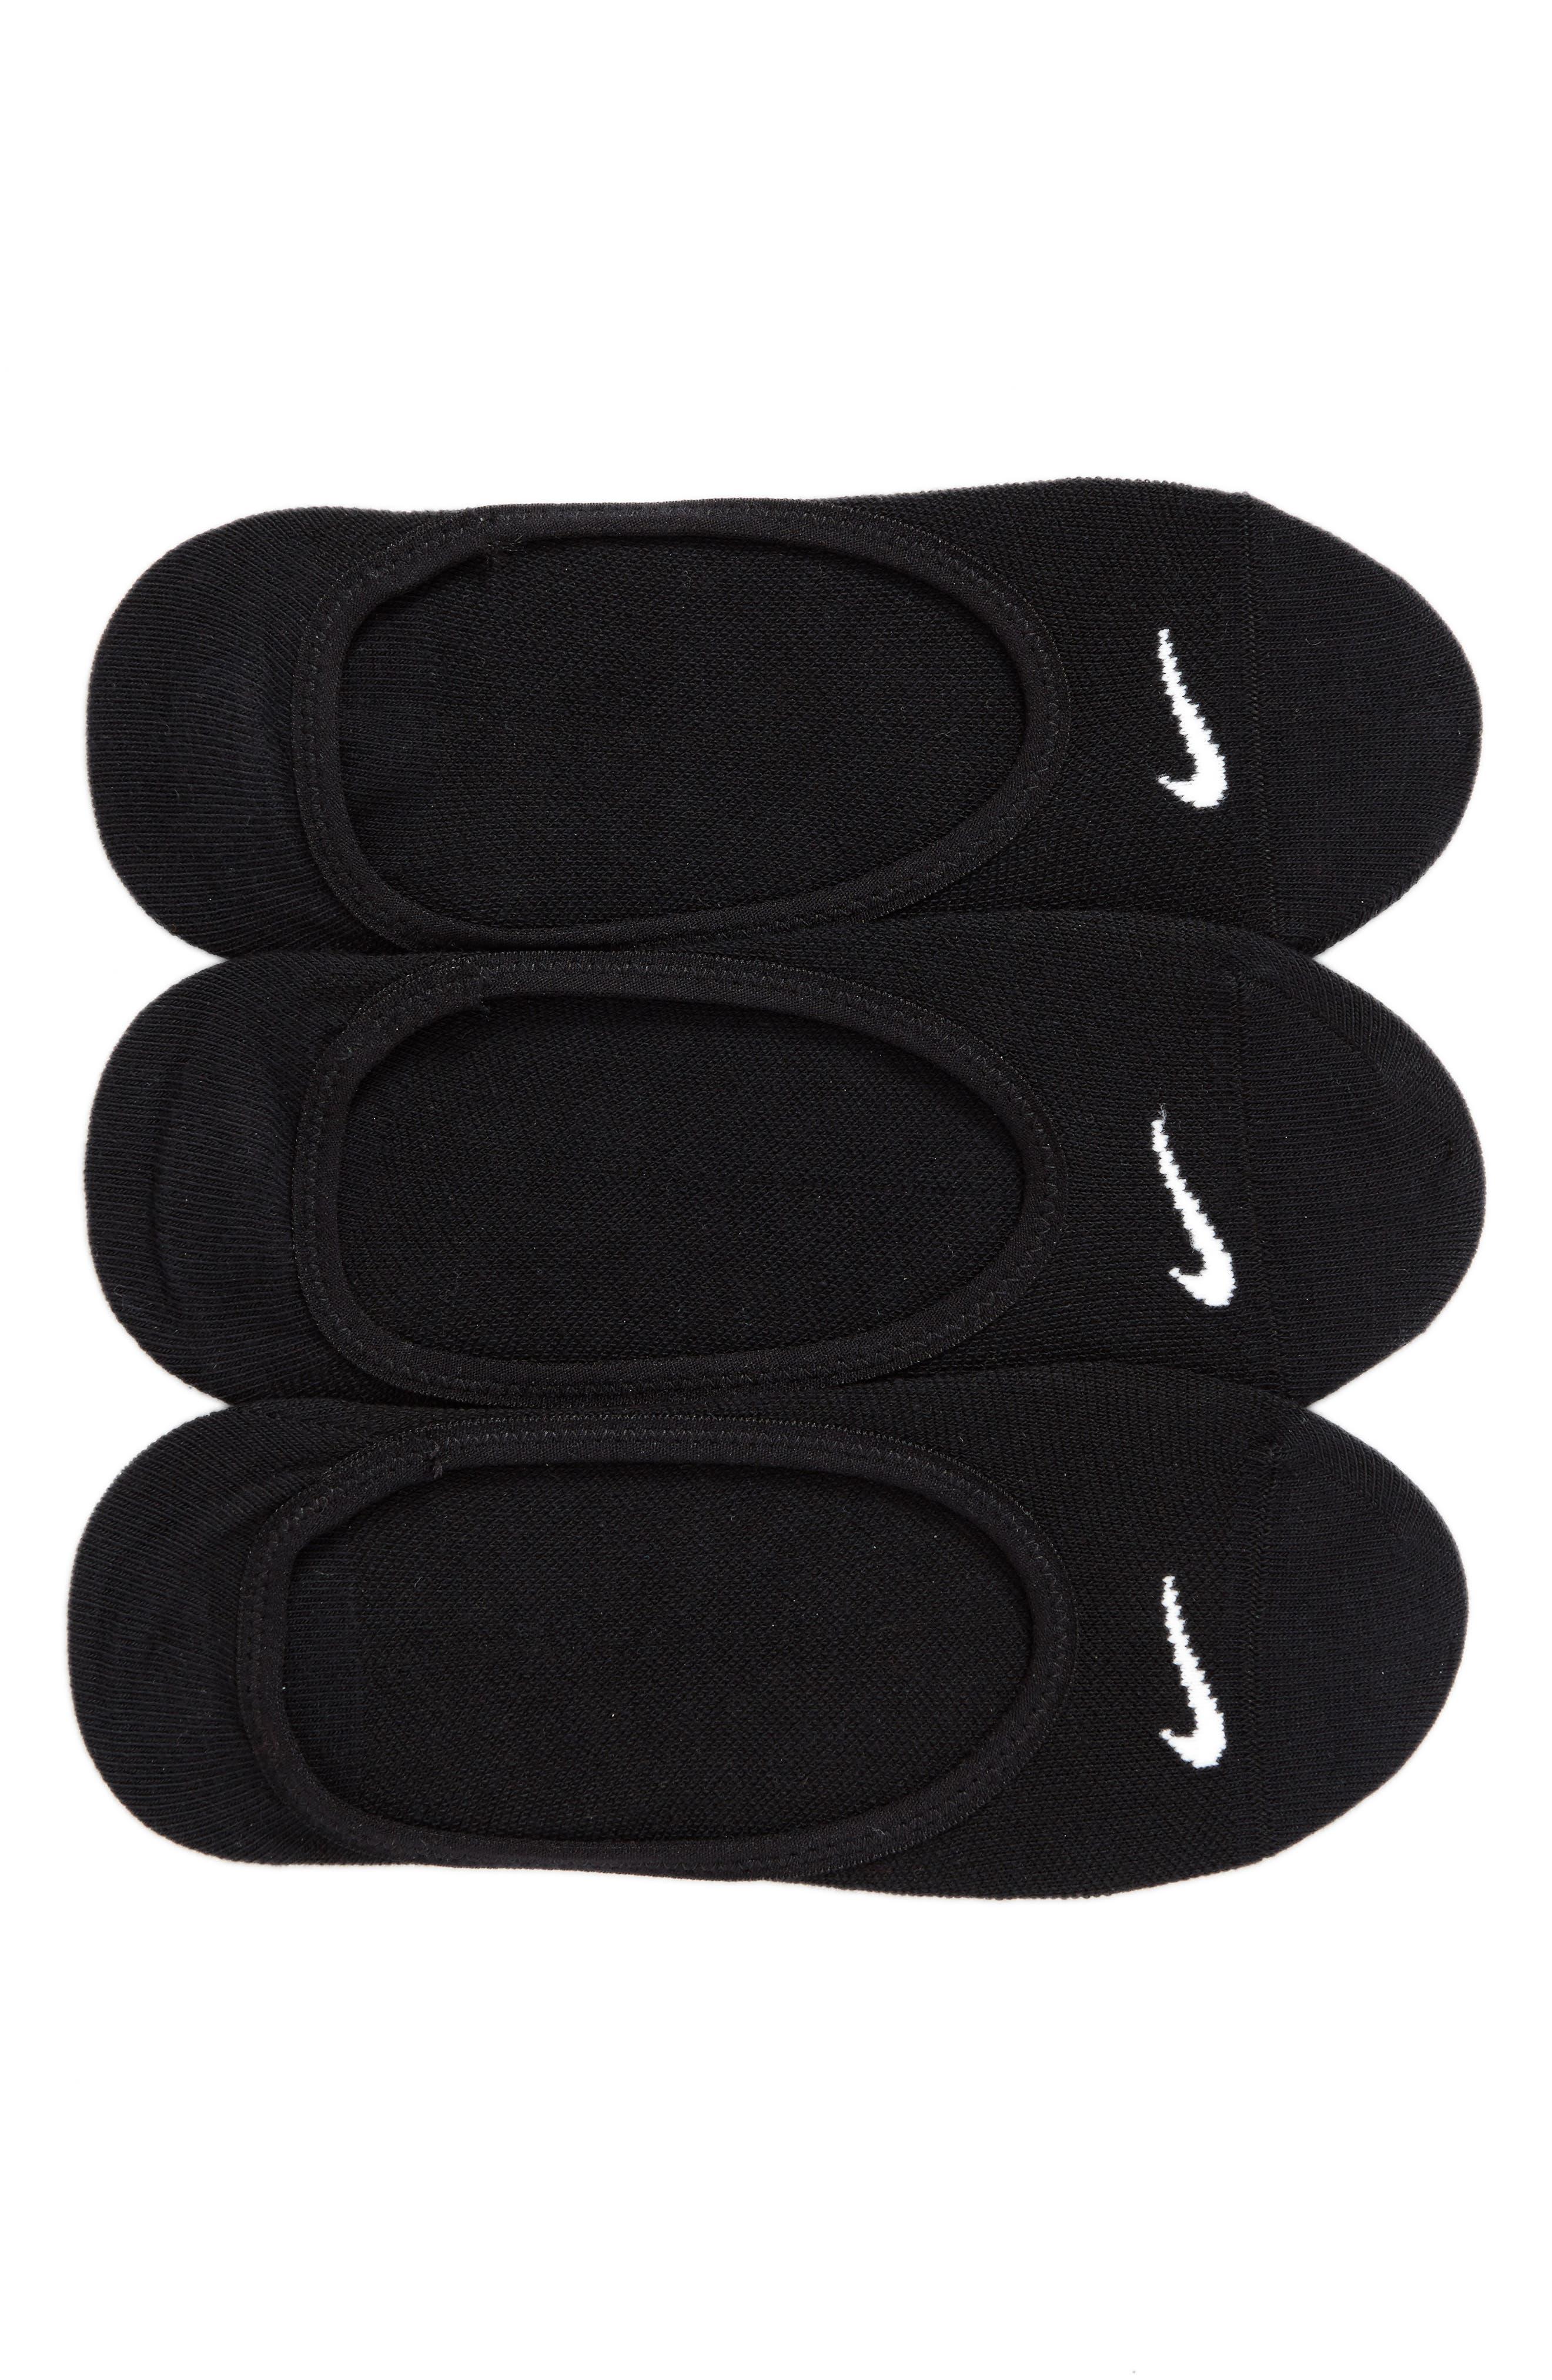 3-Pack No-Show Socks,                             Main thumbnail 1, color,                             Black/(White)